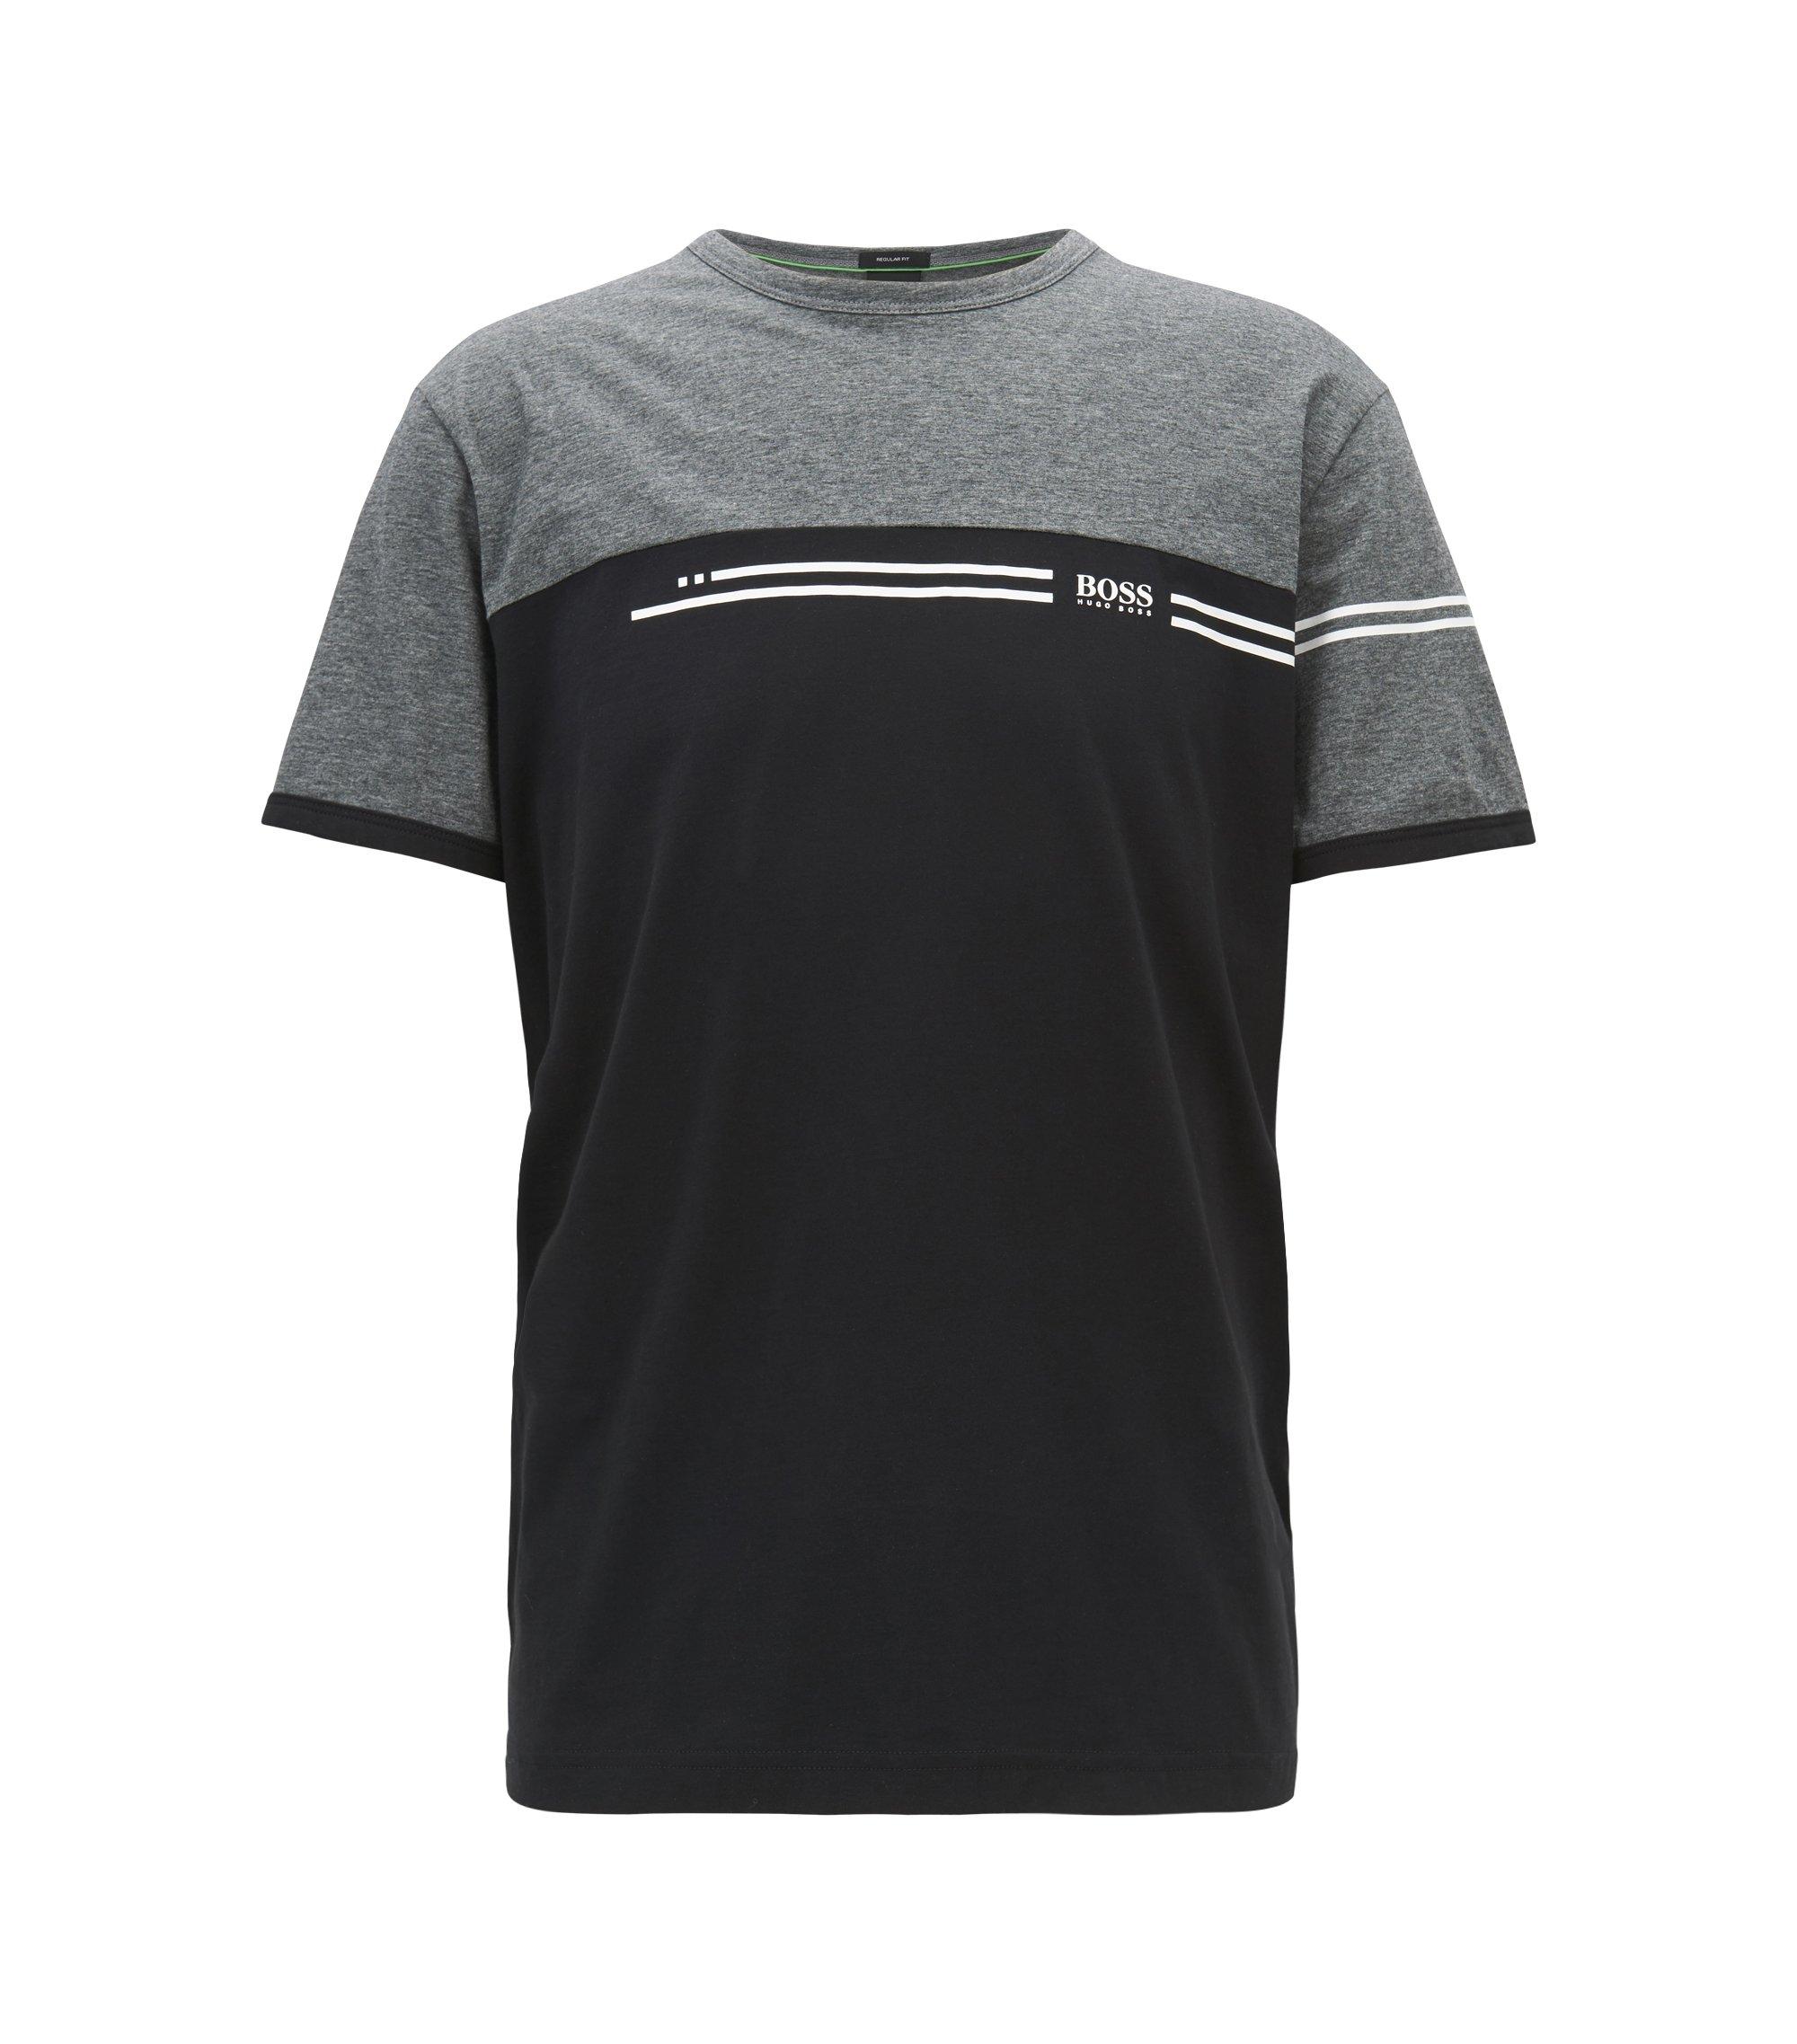 T-Shirt aus Baumwolle mit Colour-Block-Dessin und Logo-Print, Grau